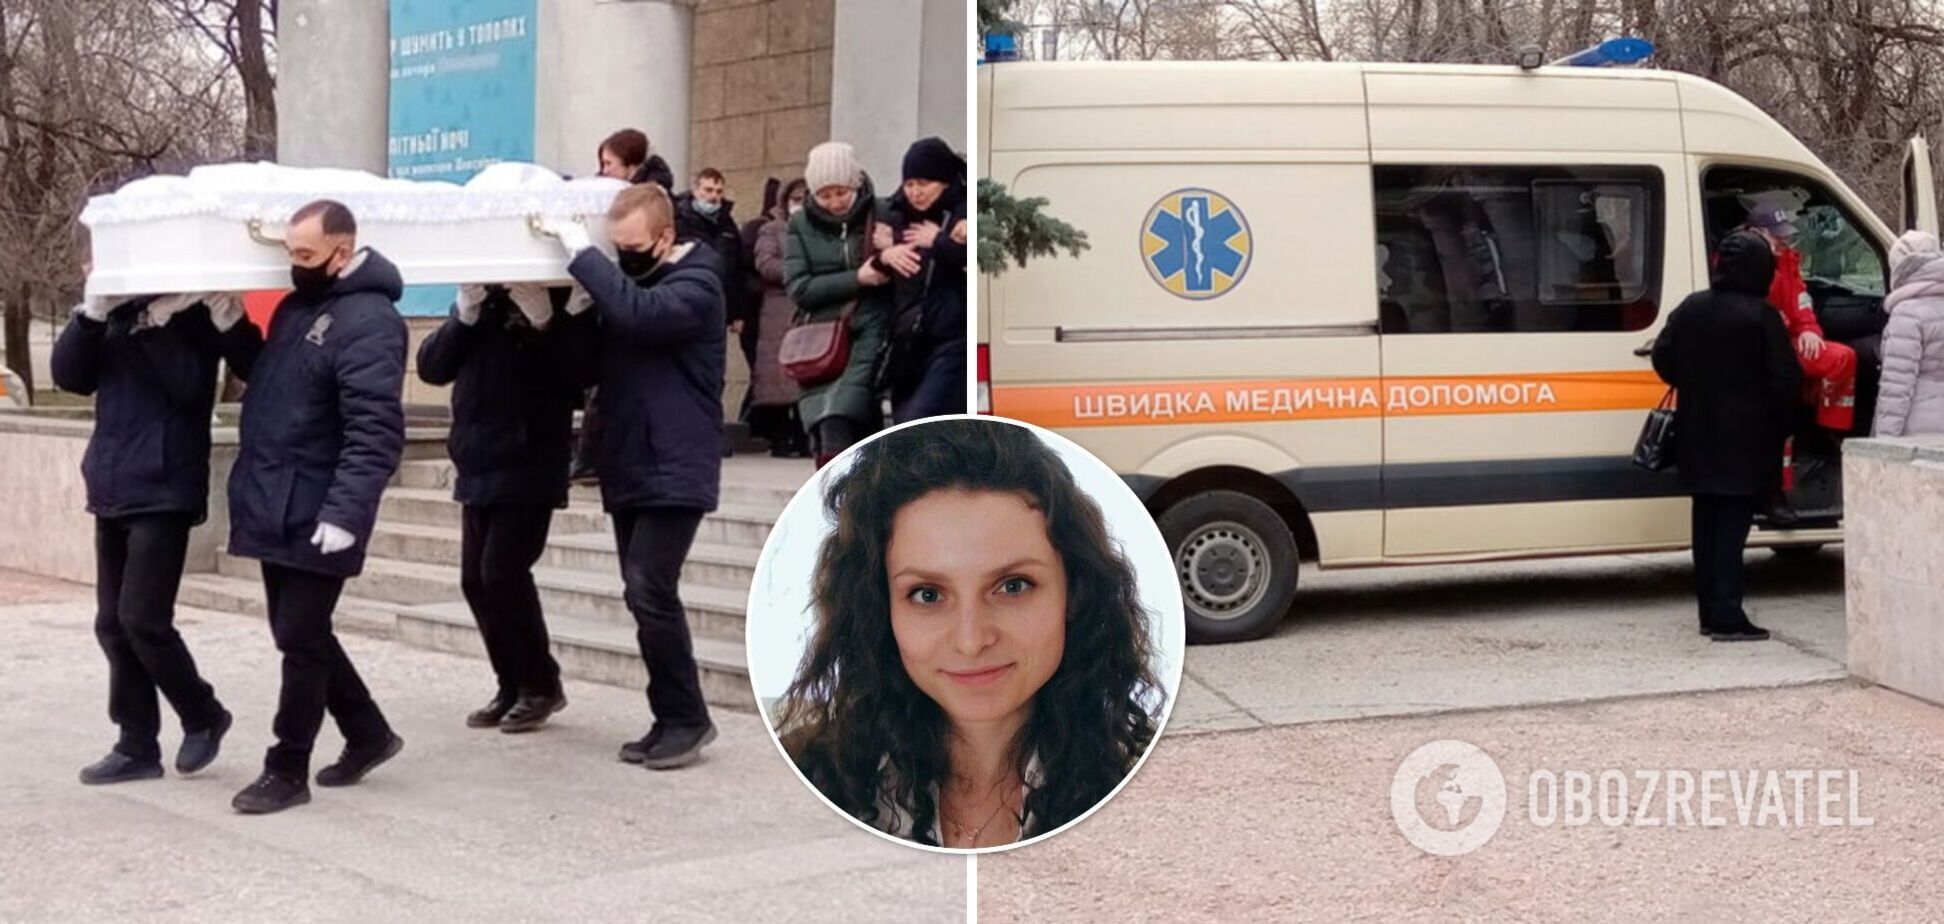 У Запоріжжі попрощалися з лікаркою, яка героїчно загинула в пожежі. Фото